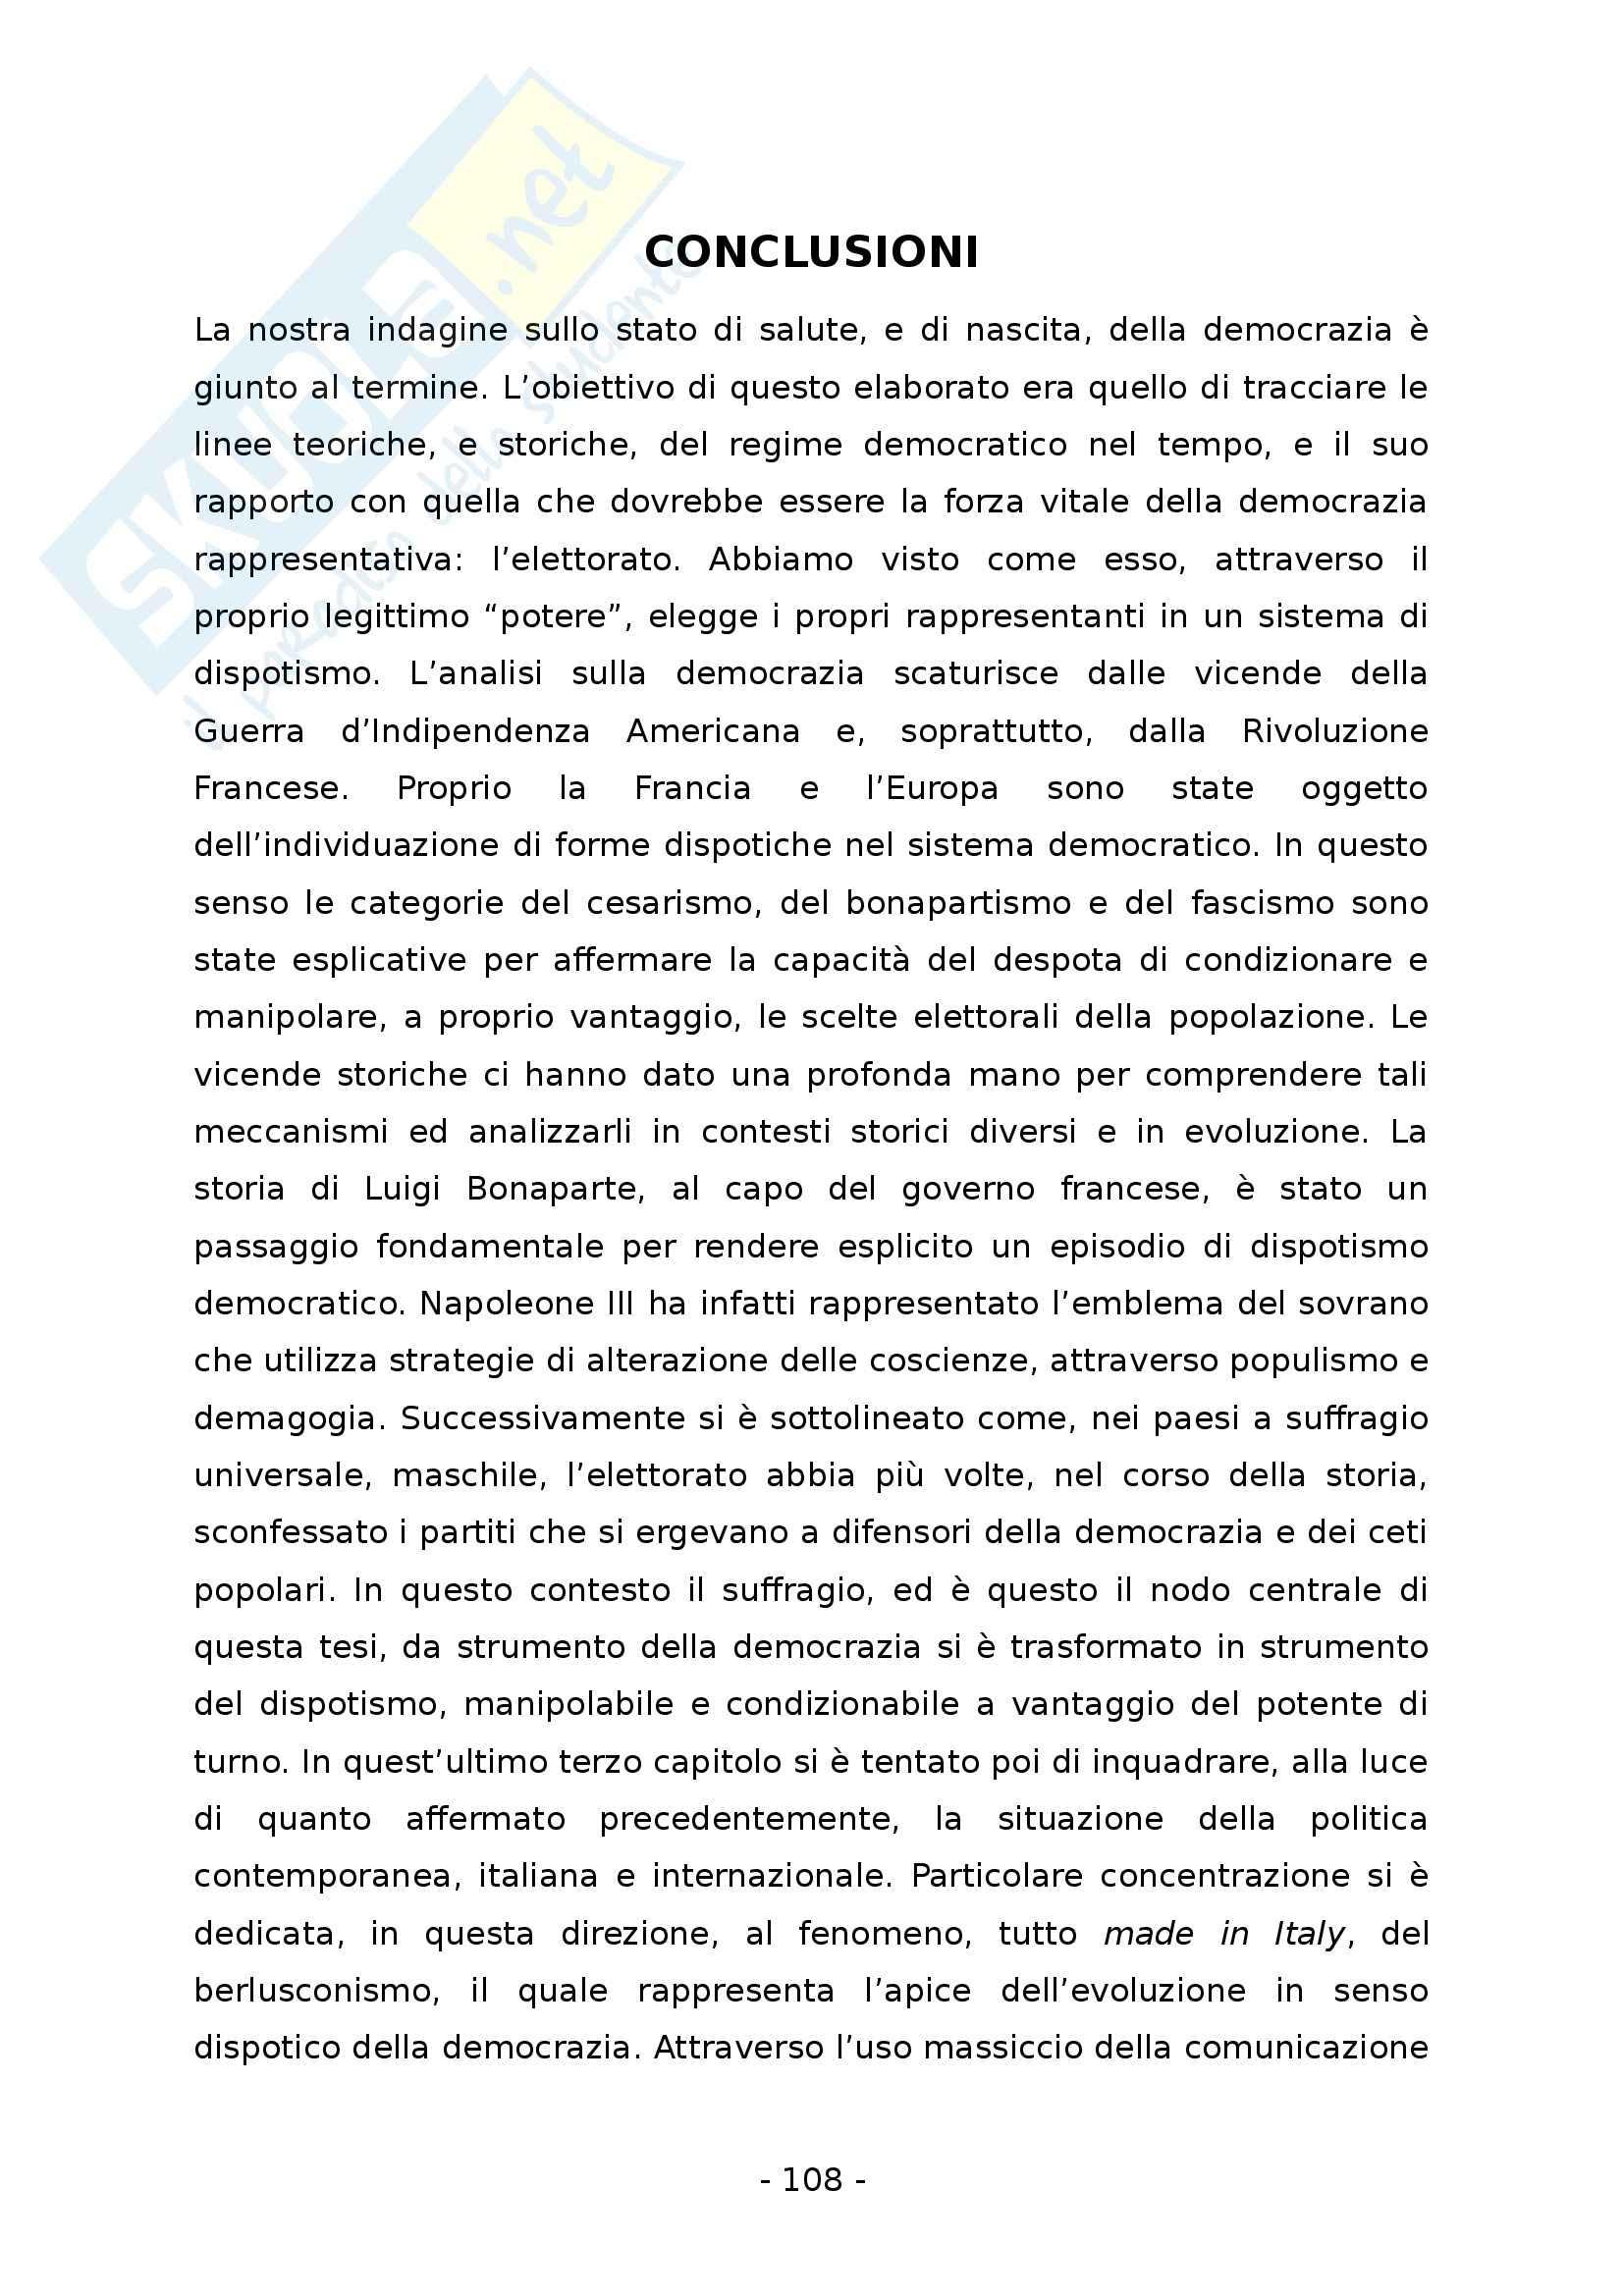 La democrazia rappresentativa. Un regime tra suffragio universale e dispotismo - Tesi Pag. 116